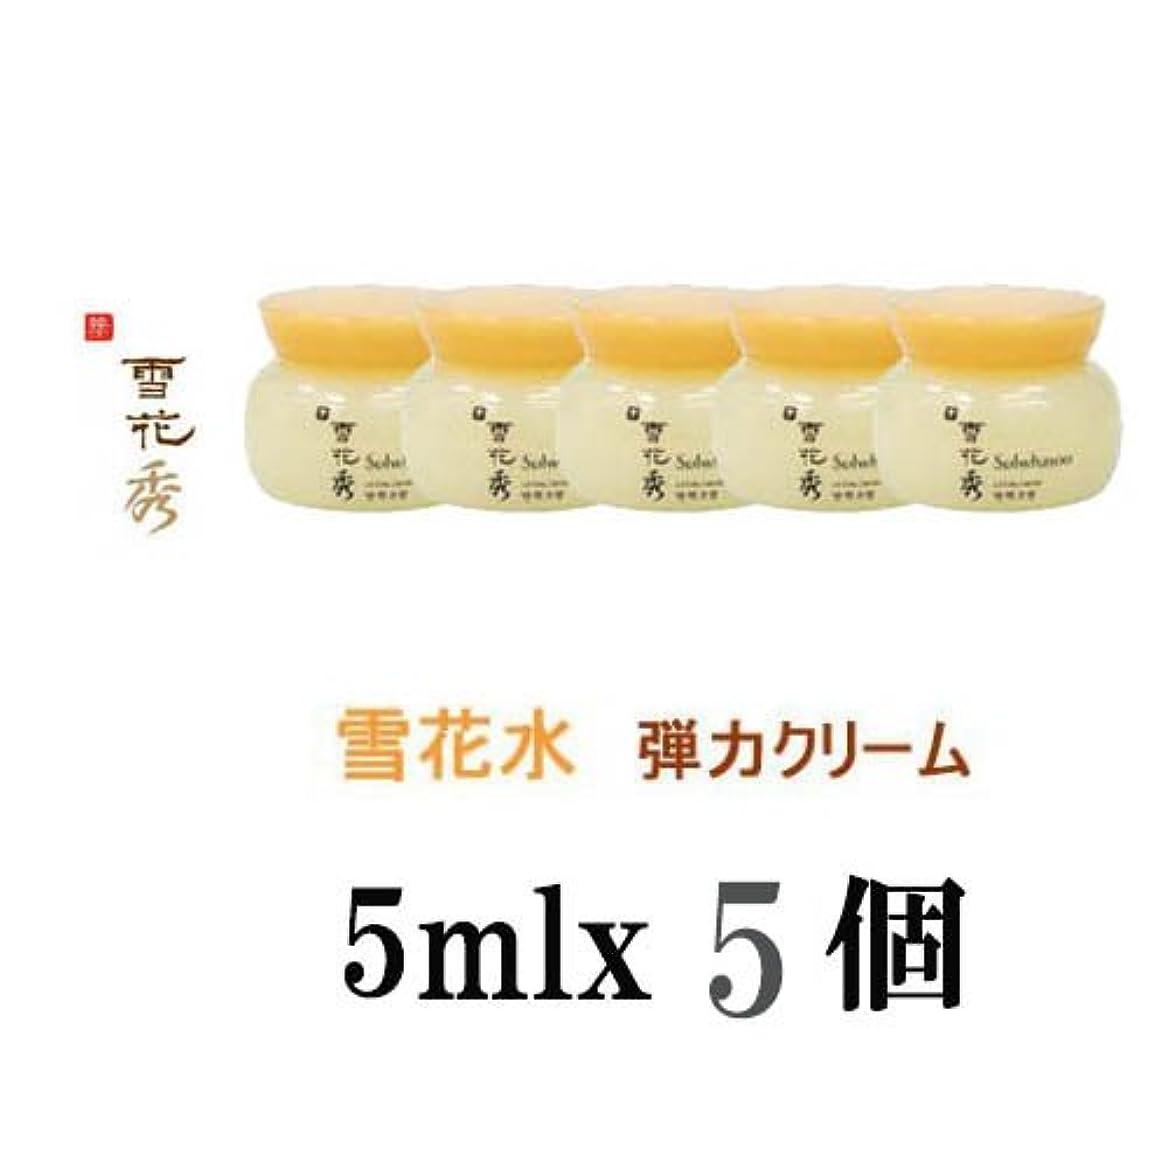 敬礼通り振幅雪花秀/ソルファス 弾力クリーム潤い/乾燥肌/漢方コスメ//5mlx5個